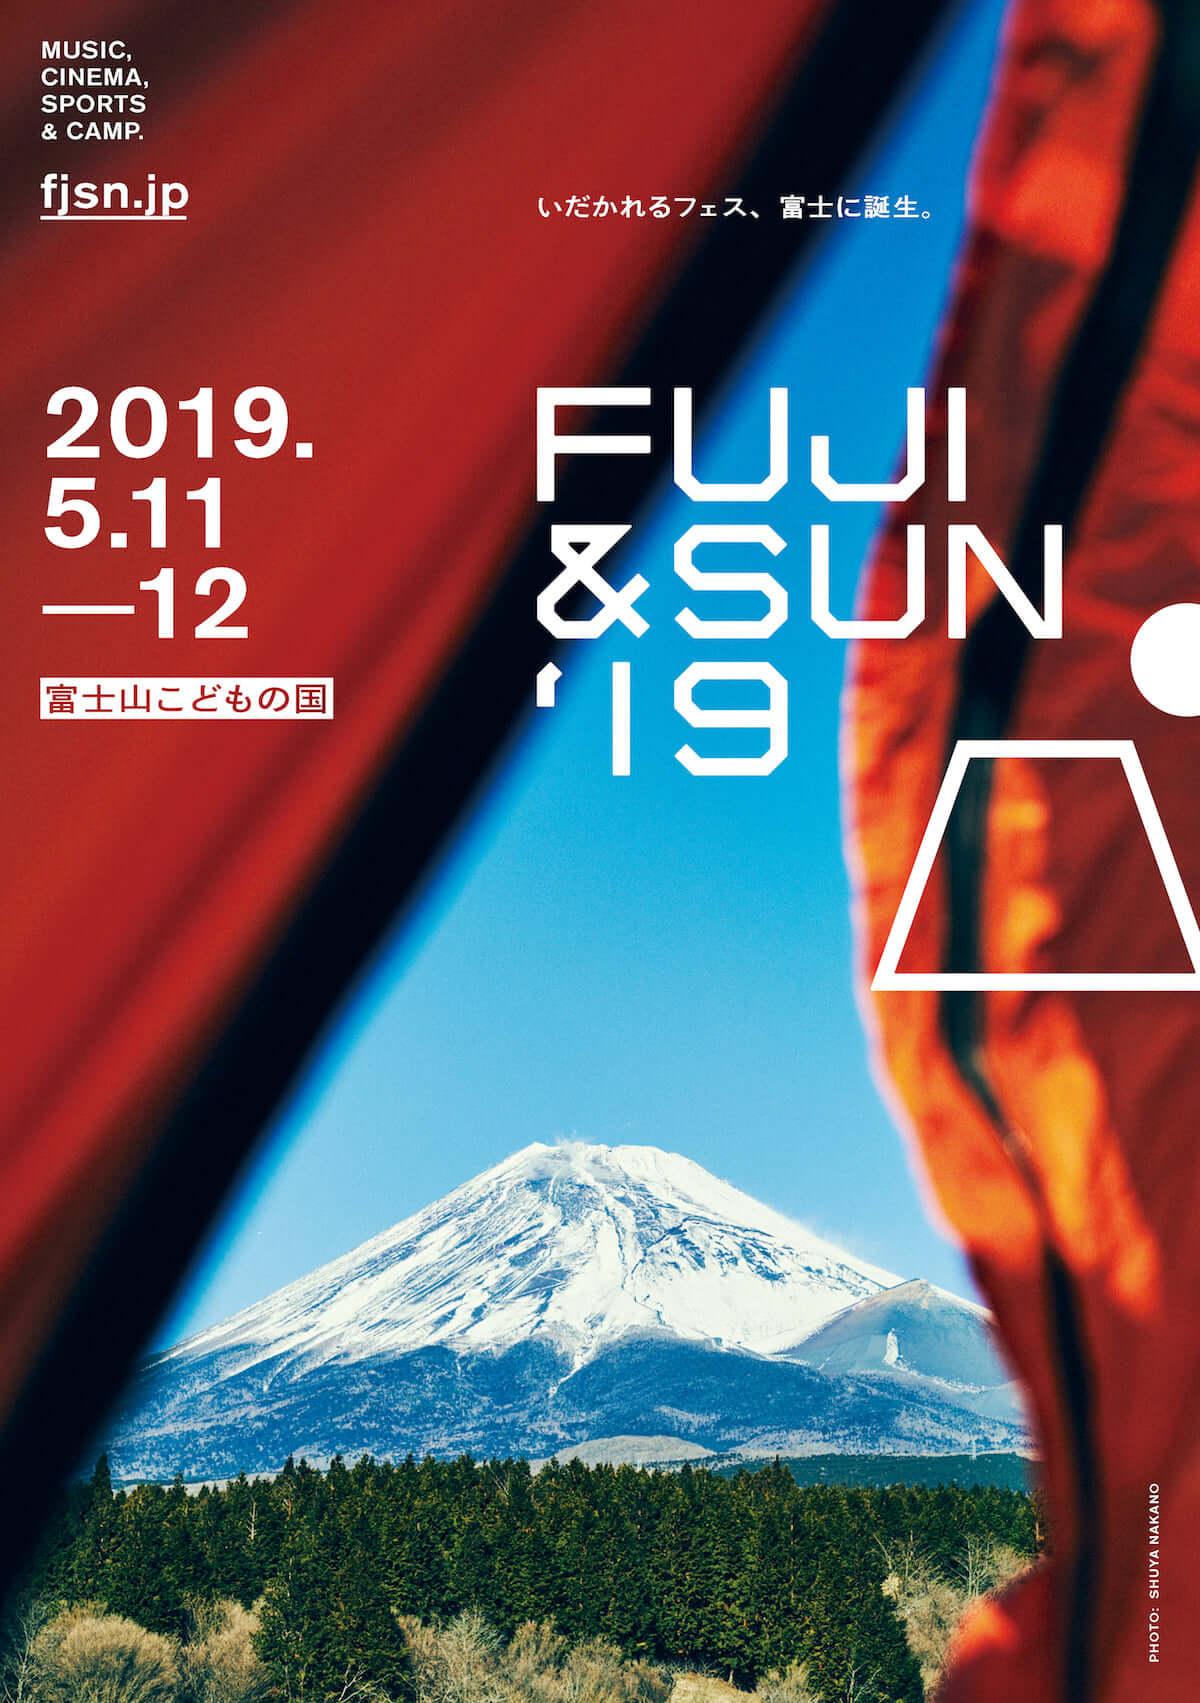 WOWOW初のフェス<FUJI&SUN '19>最終ラインナップとタイムテーブルが発表!D.A.N.、やけのはらなどが追加 music190403_fujiandsun_4-1200x1703